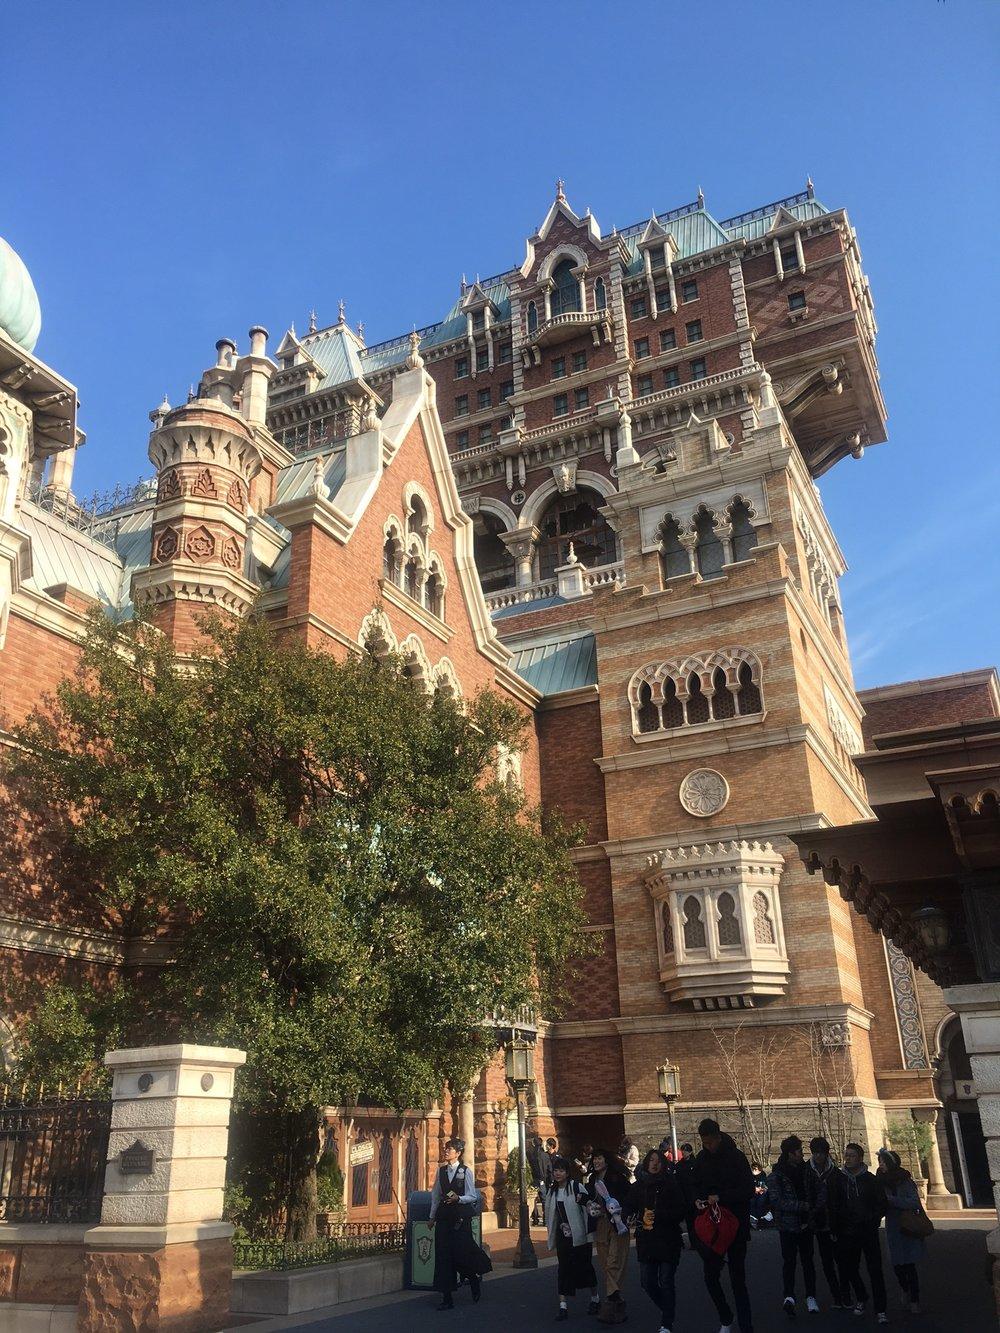 Schuyler Croy Tokyo Disney Sea Tower of Terror